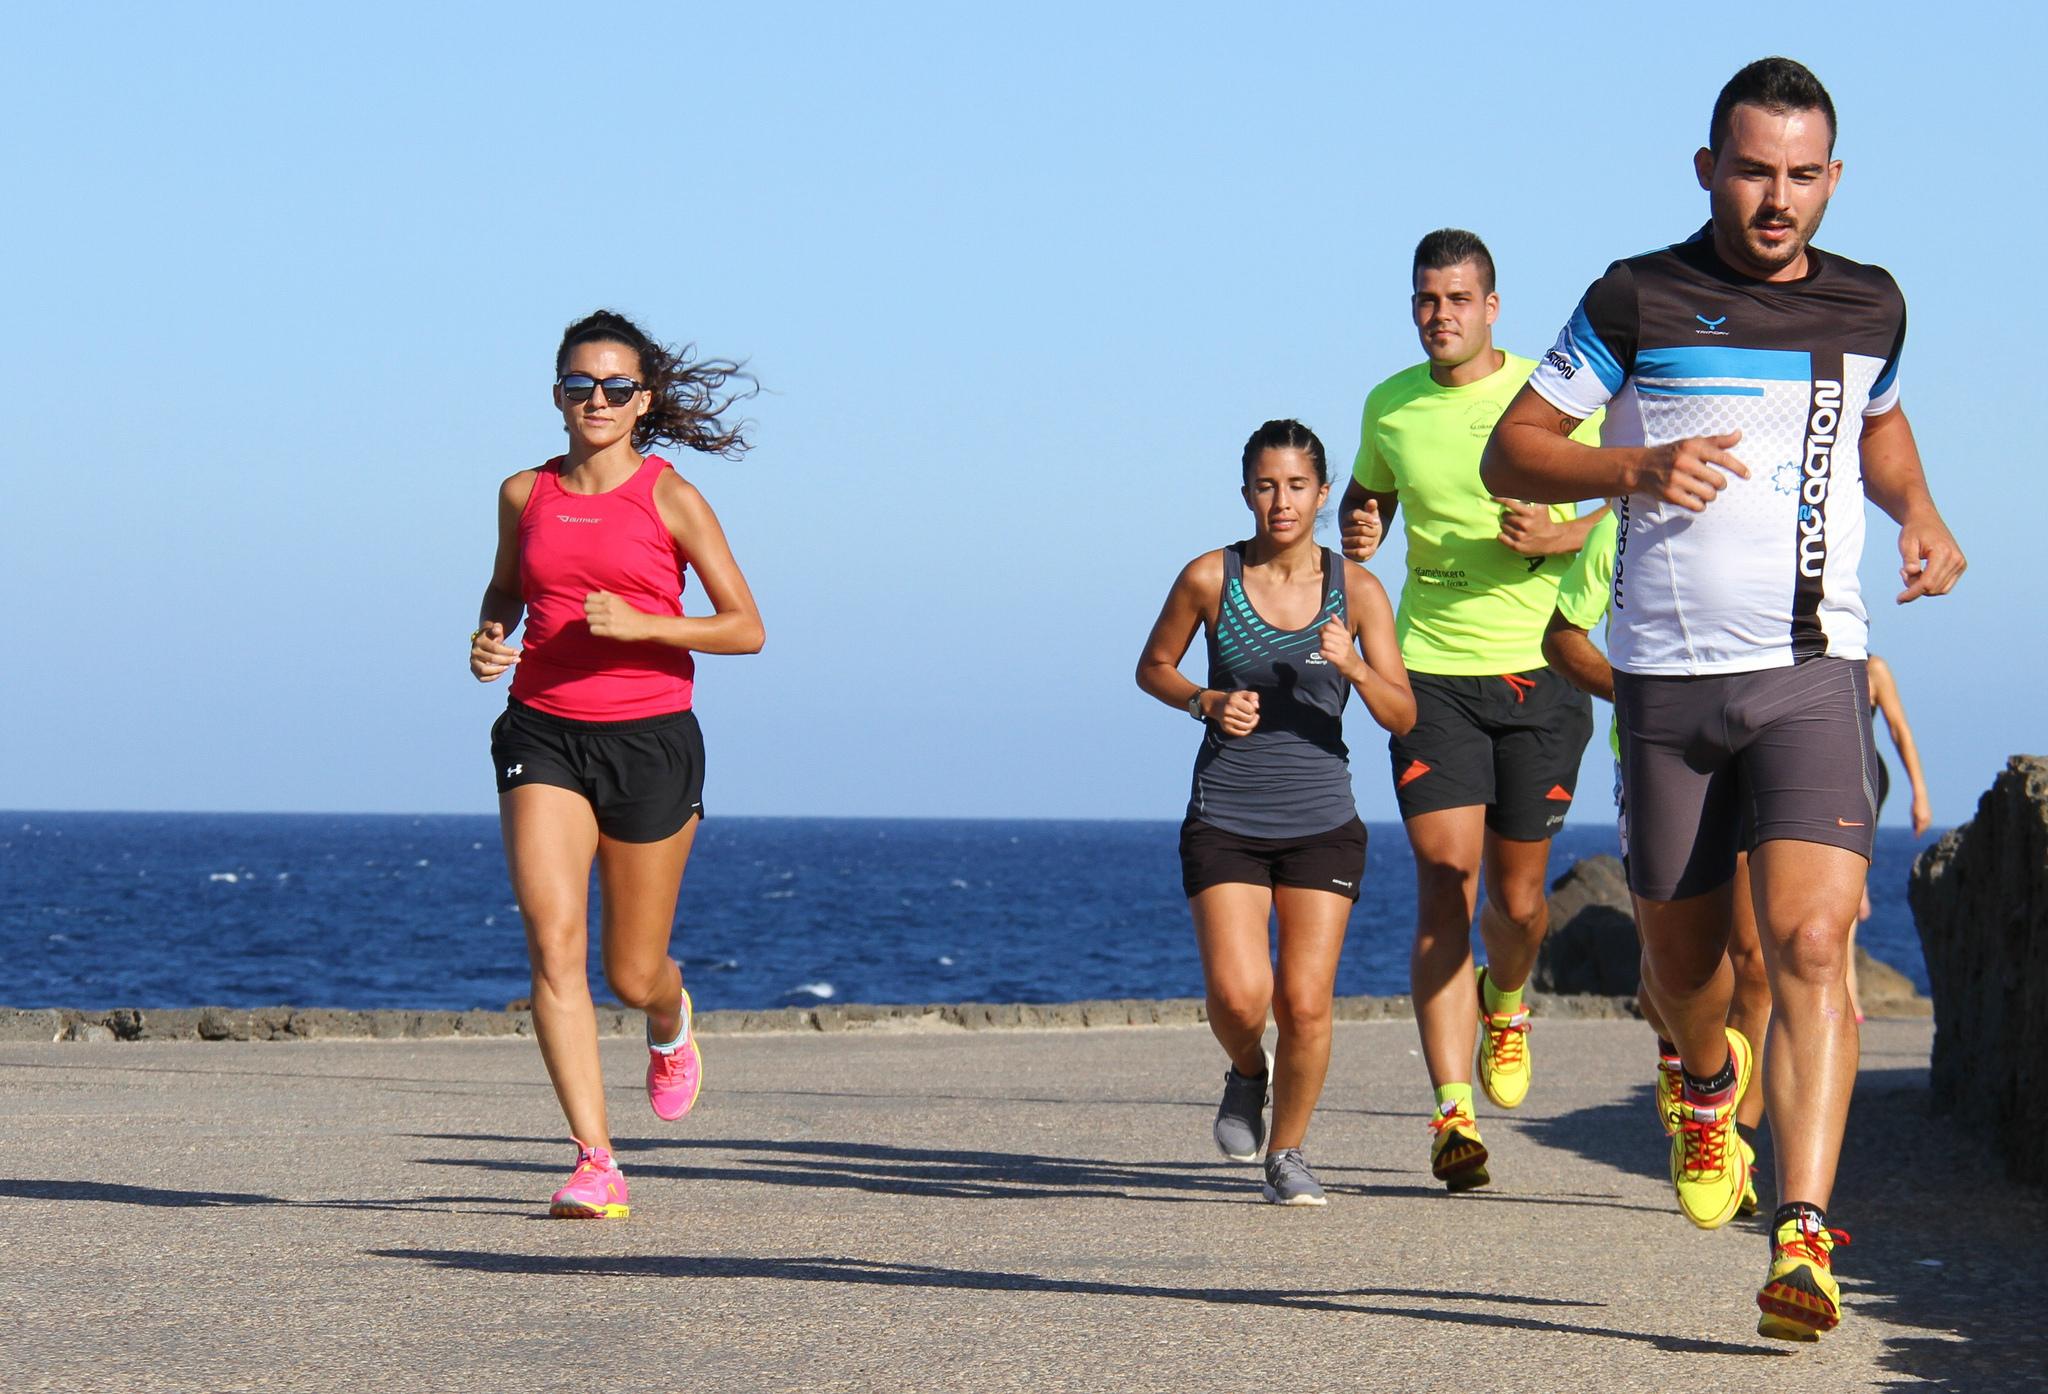 ¿Sabes cuál es la ciudad más rápida para correr?